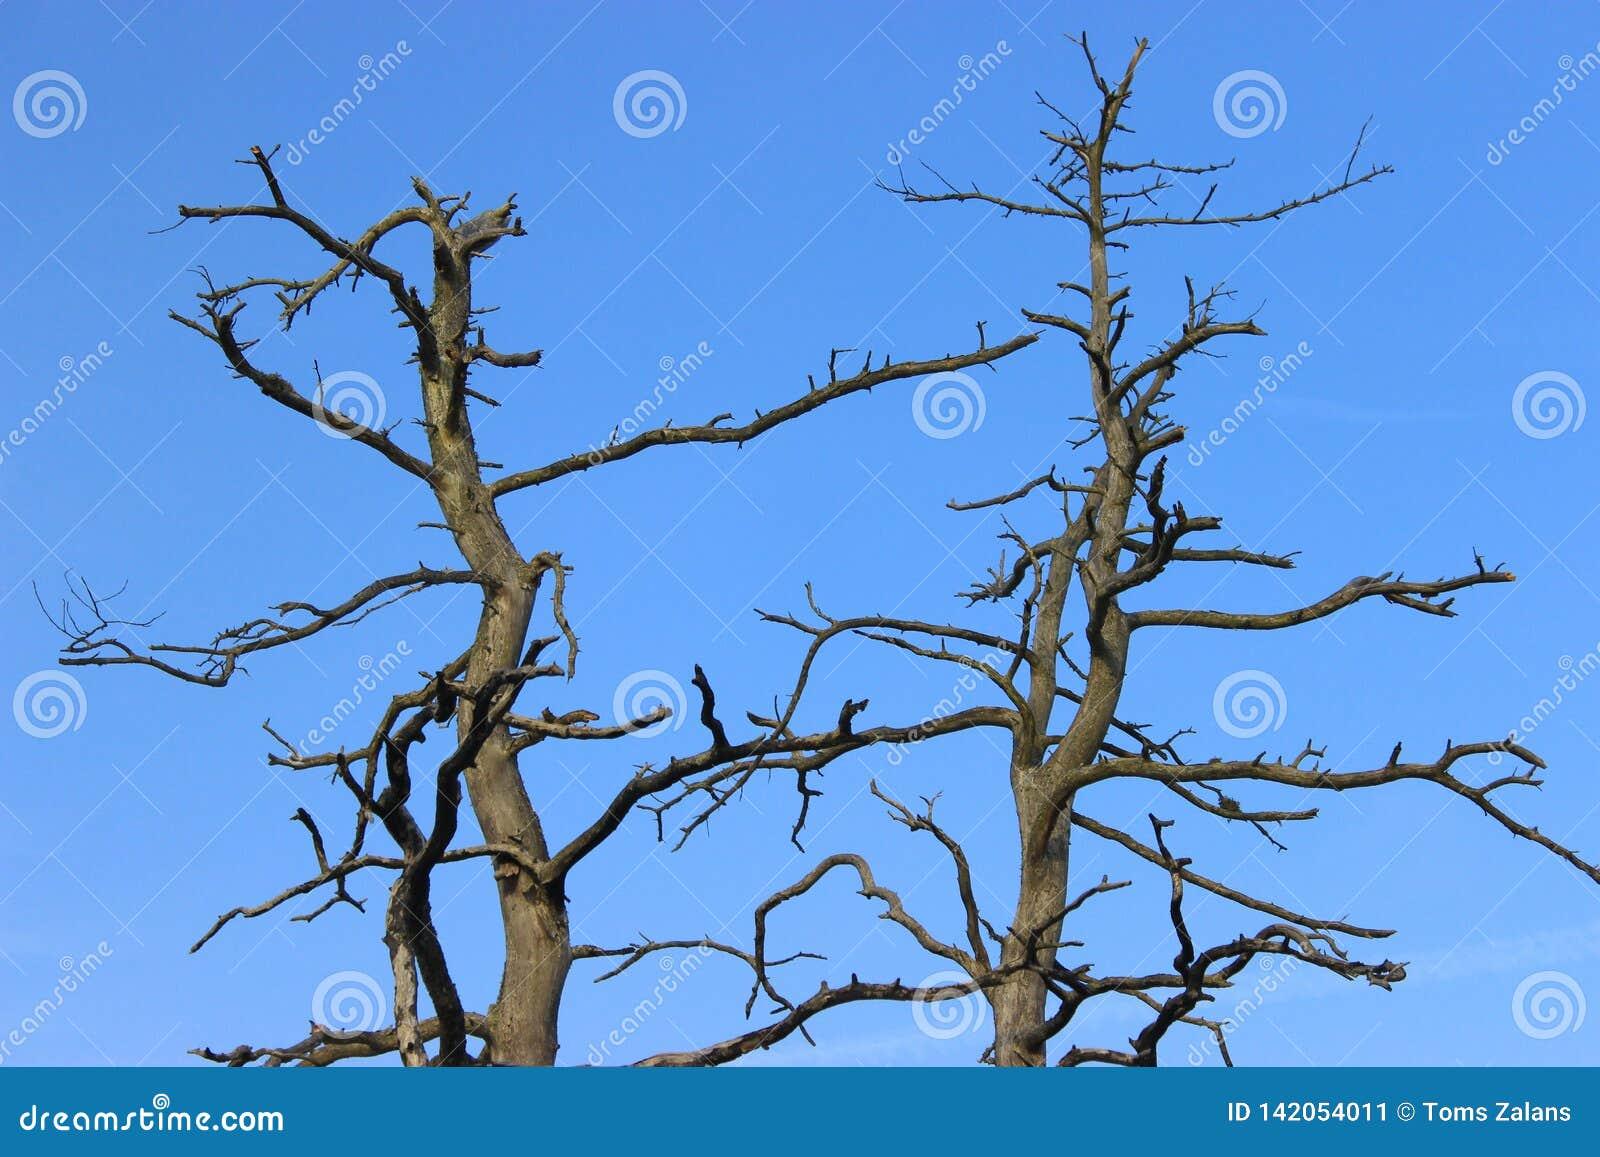 Lange tote Kiefer mit squiggly und dunklen Niederlassungen ohne Barke Ansicht des Wipfels und der blauen Himmel lettland